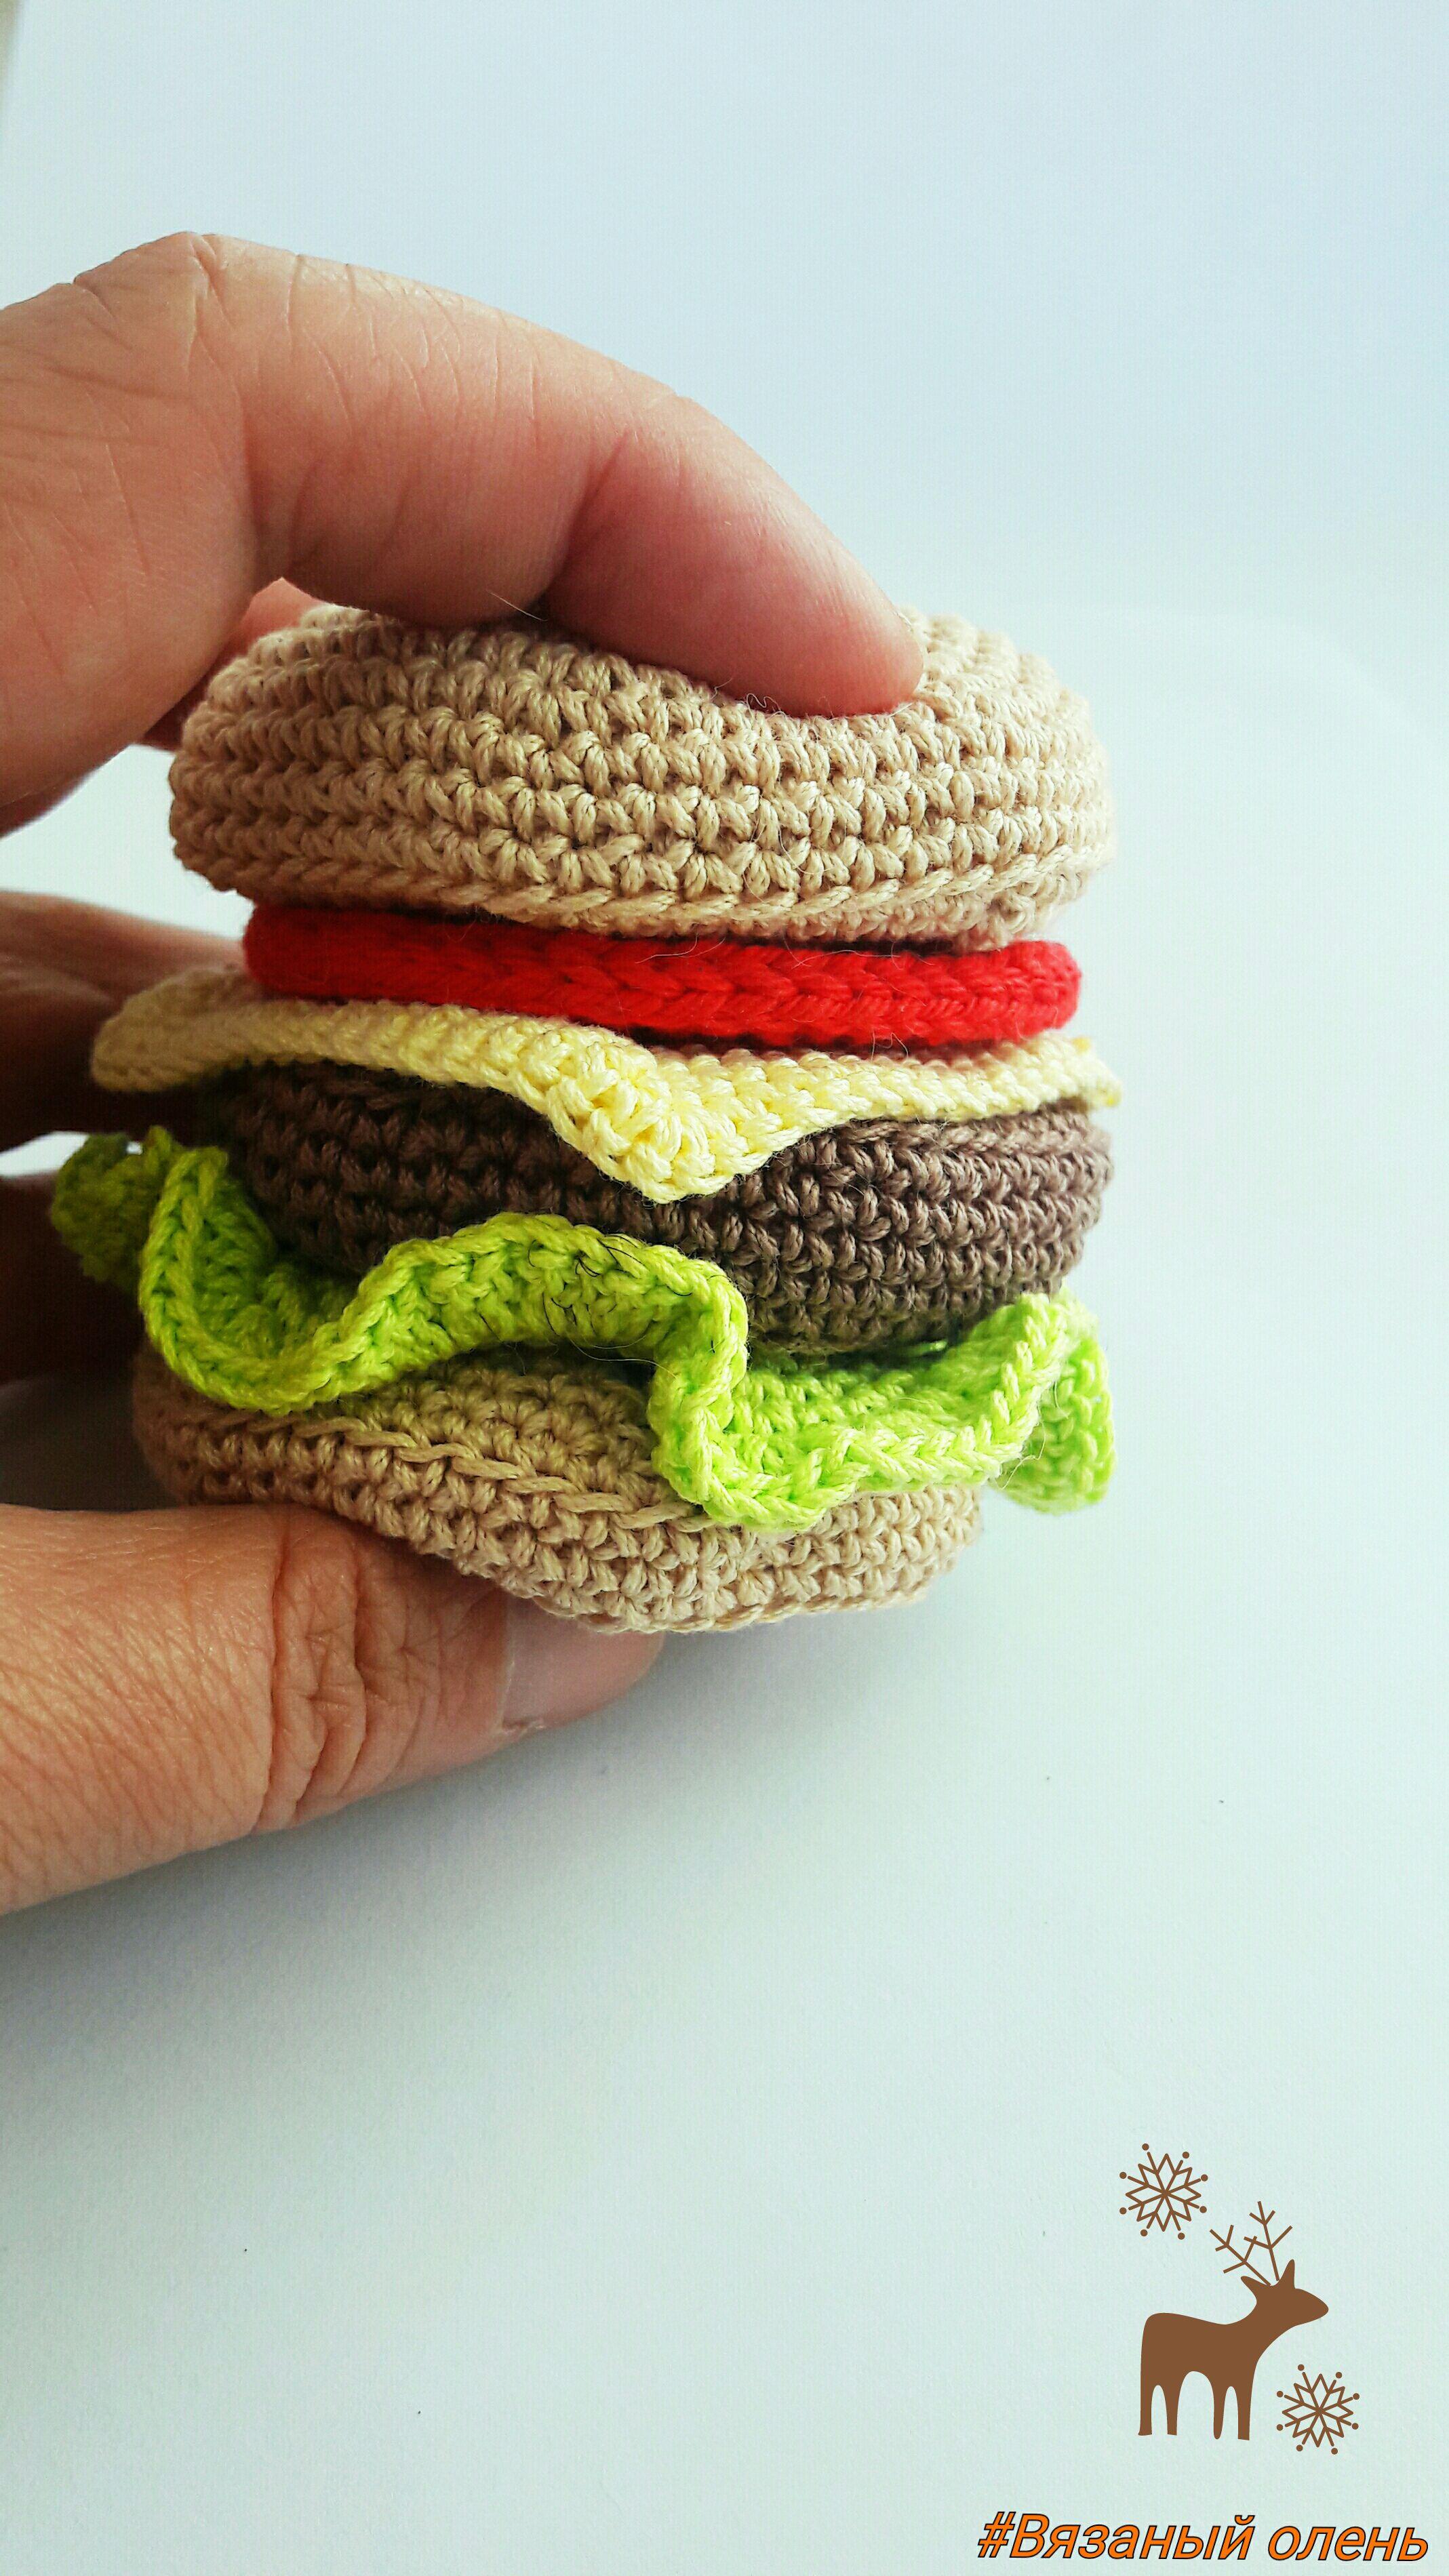 подарки длядевочки вязанаяигрушка handmade амигуруми вяжуназаказ мамыпитера вязание ручнаяработа игрушки детипитера петергоф вязаныйолень